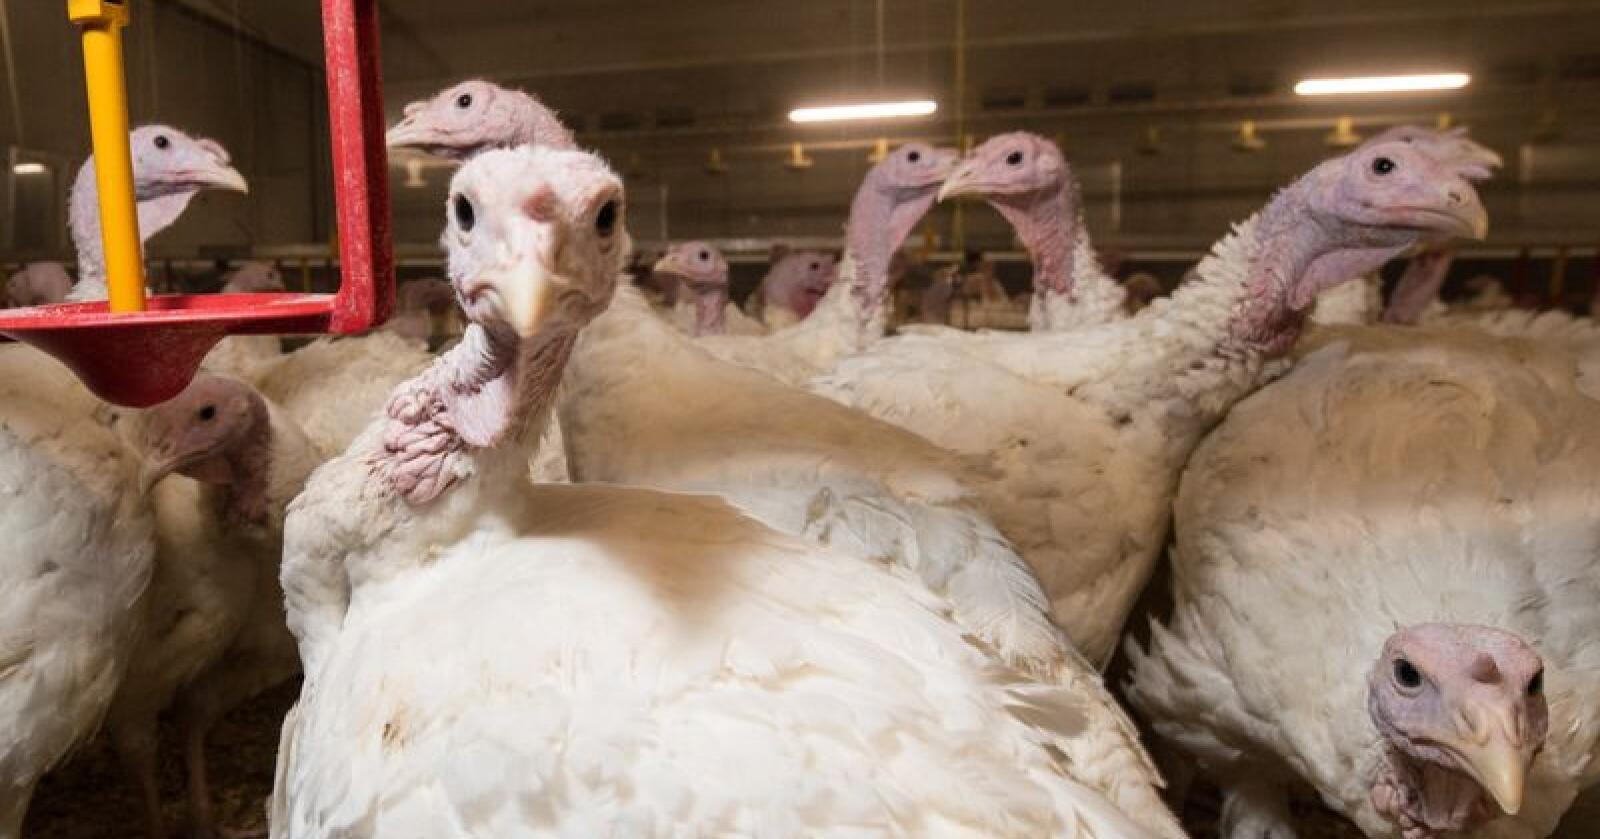 Så vidt Nationen vet, er ikke disse kalkunene smittet av fugleinfluensa. Illustrasjonsfoto: Vidar Sandnes